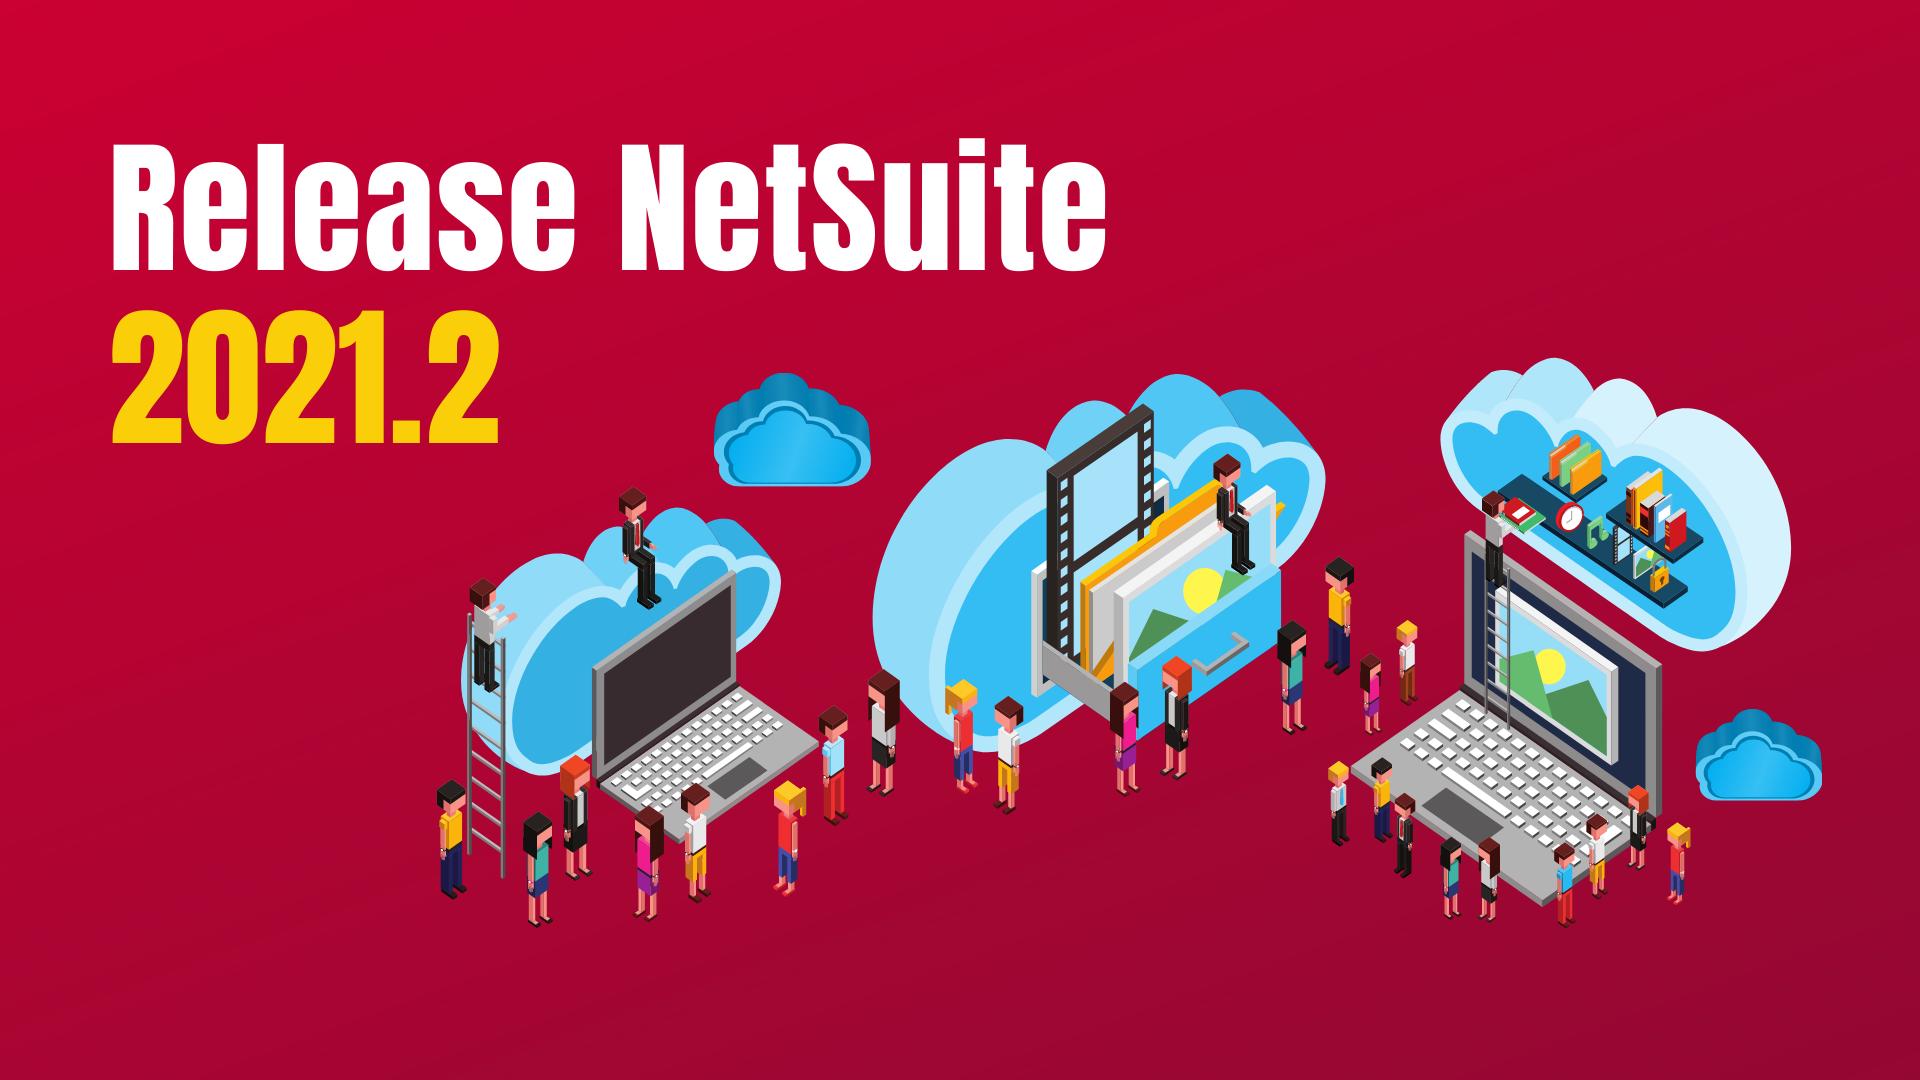 La Release NetSuite 2021.2 arrive : préparez-vous !